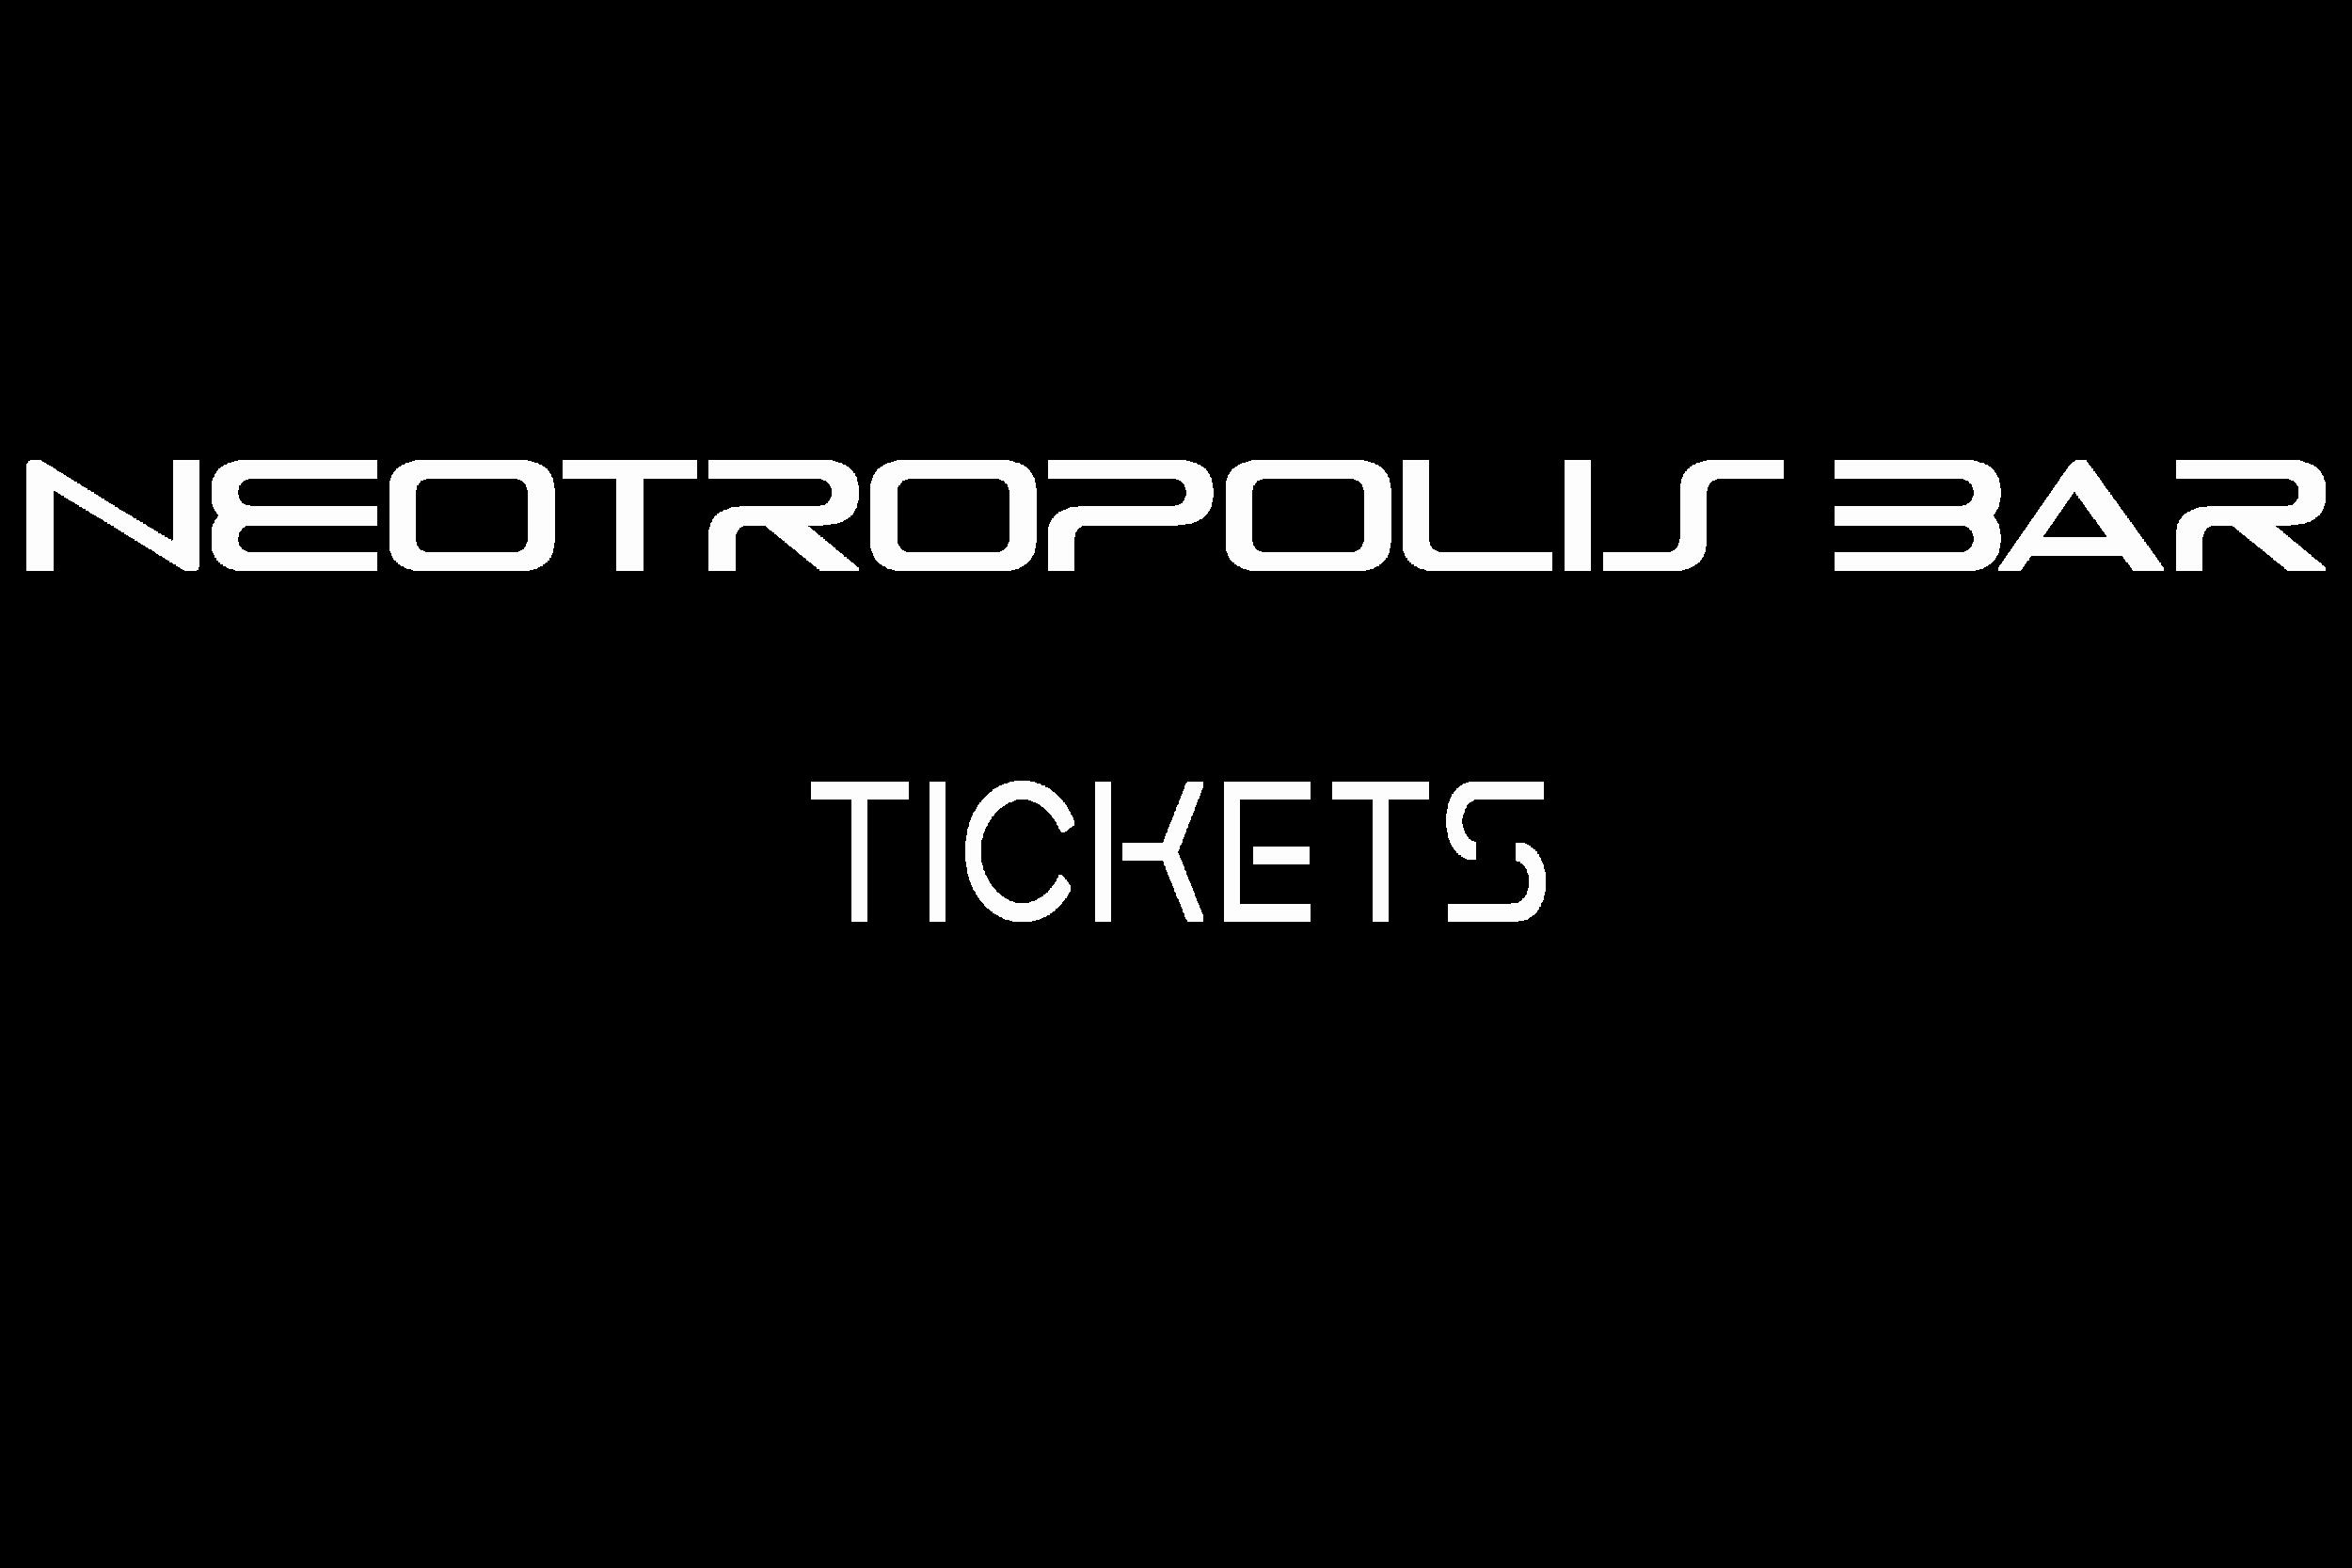 ticketsbanner.white.png